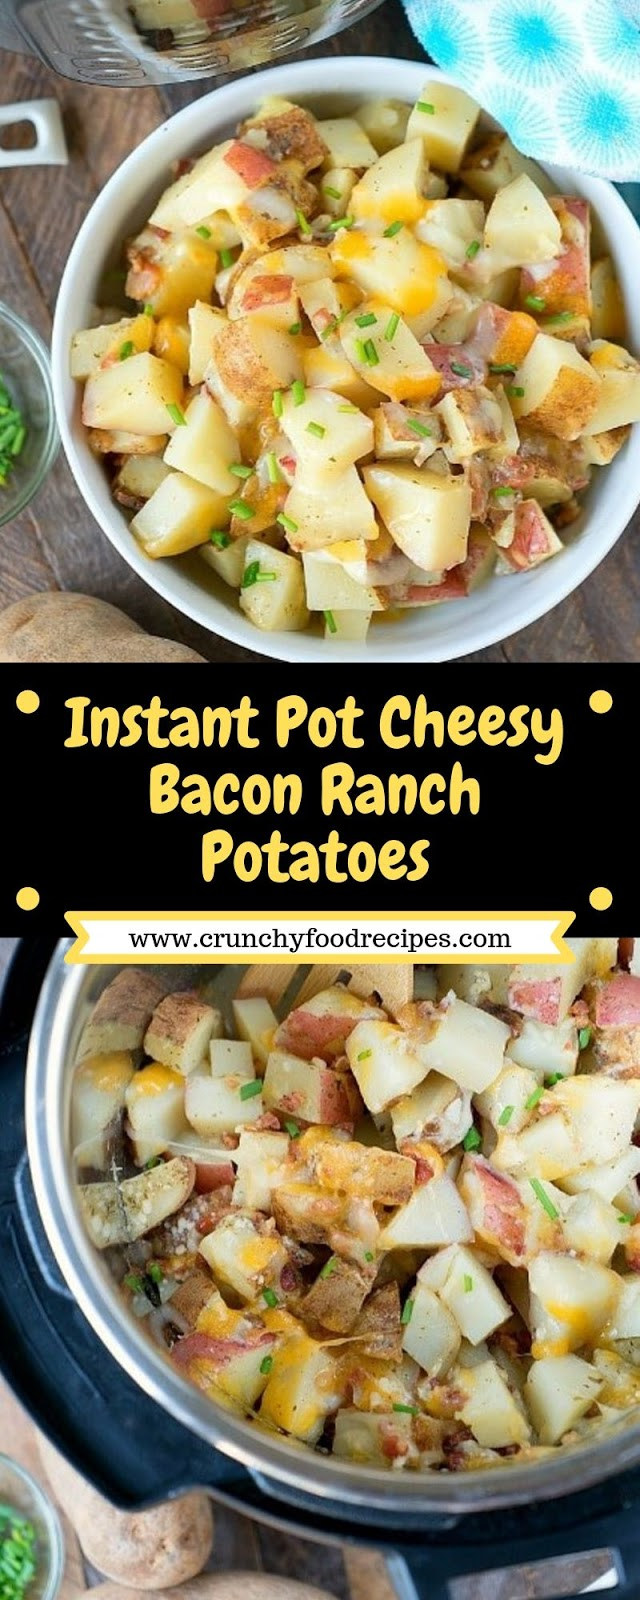 Instant Pot Cheesy Bacon Ranch Potatoes